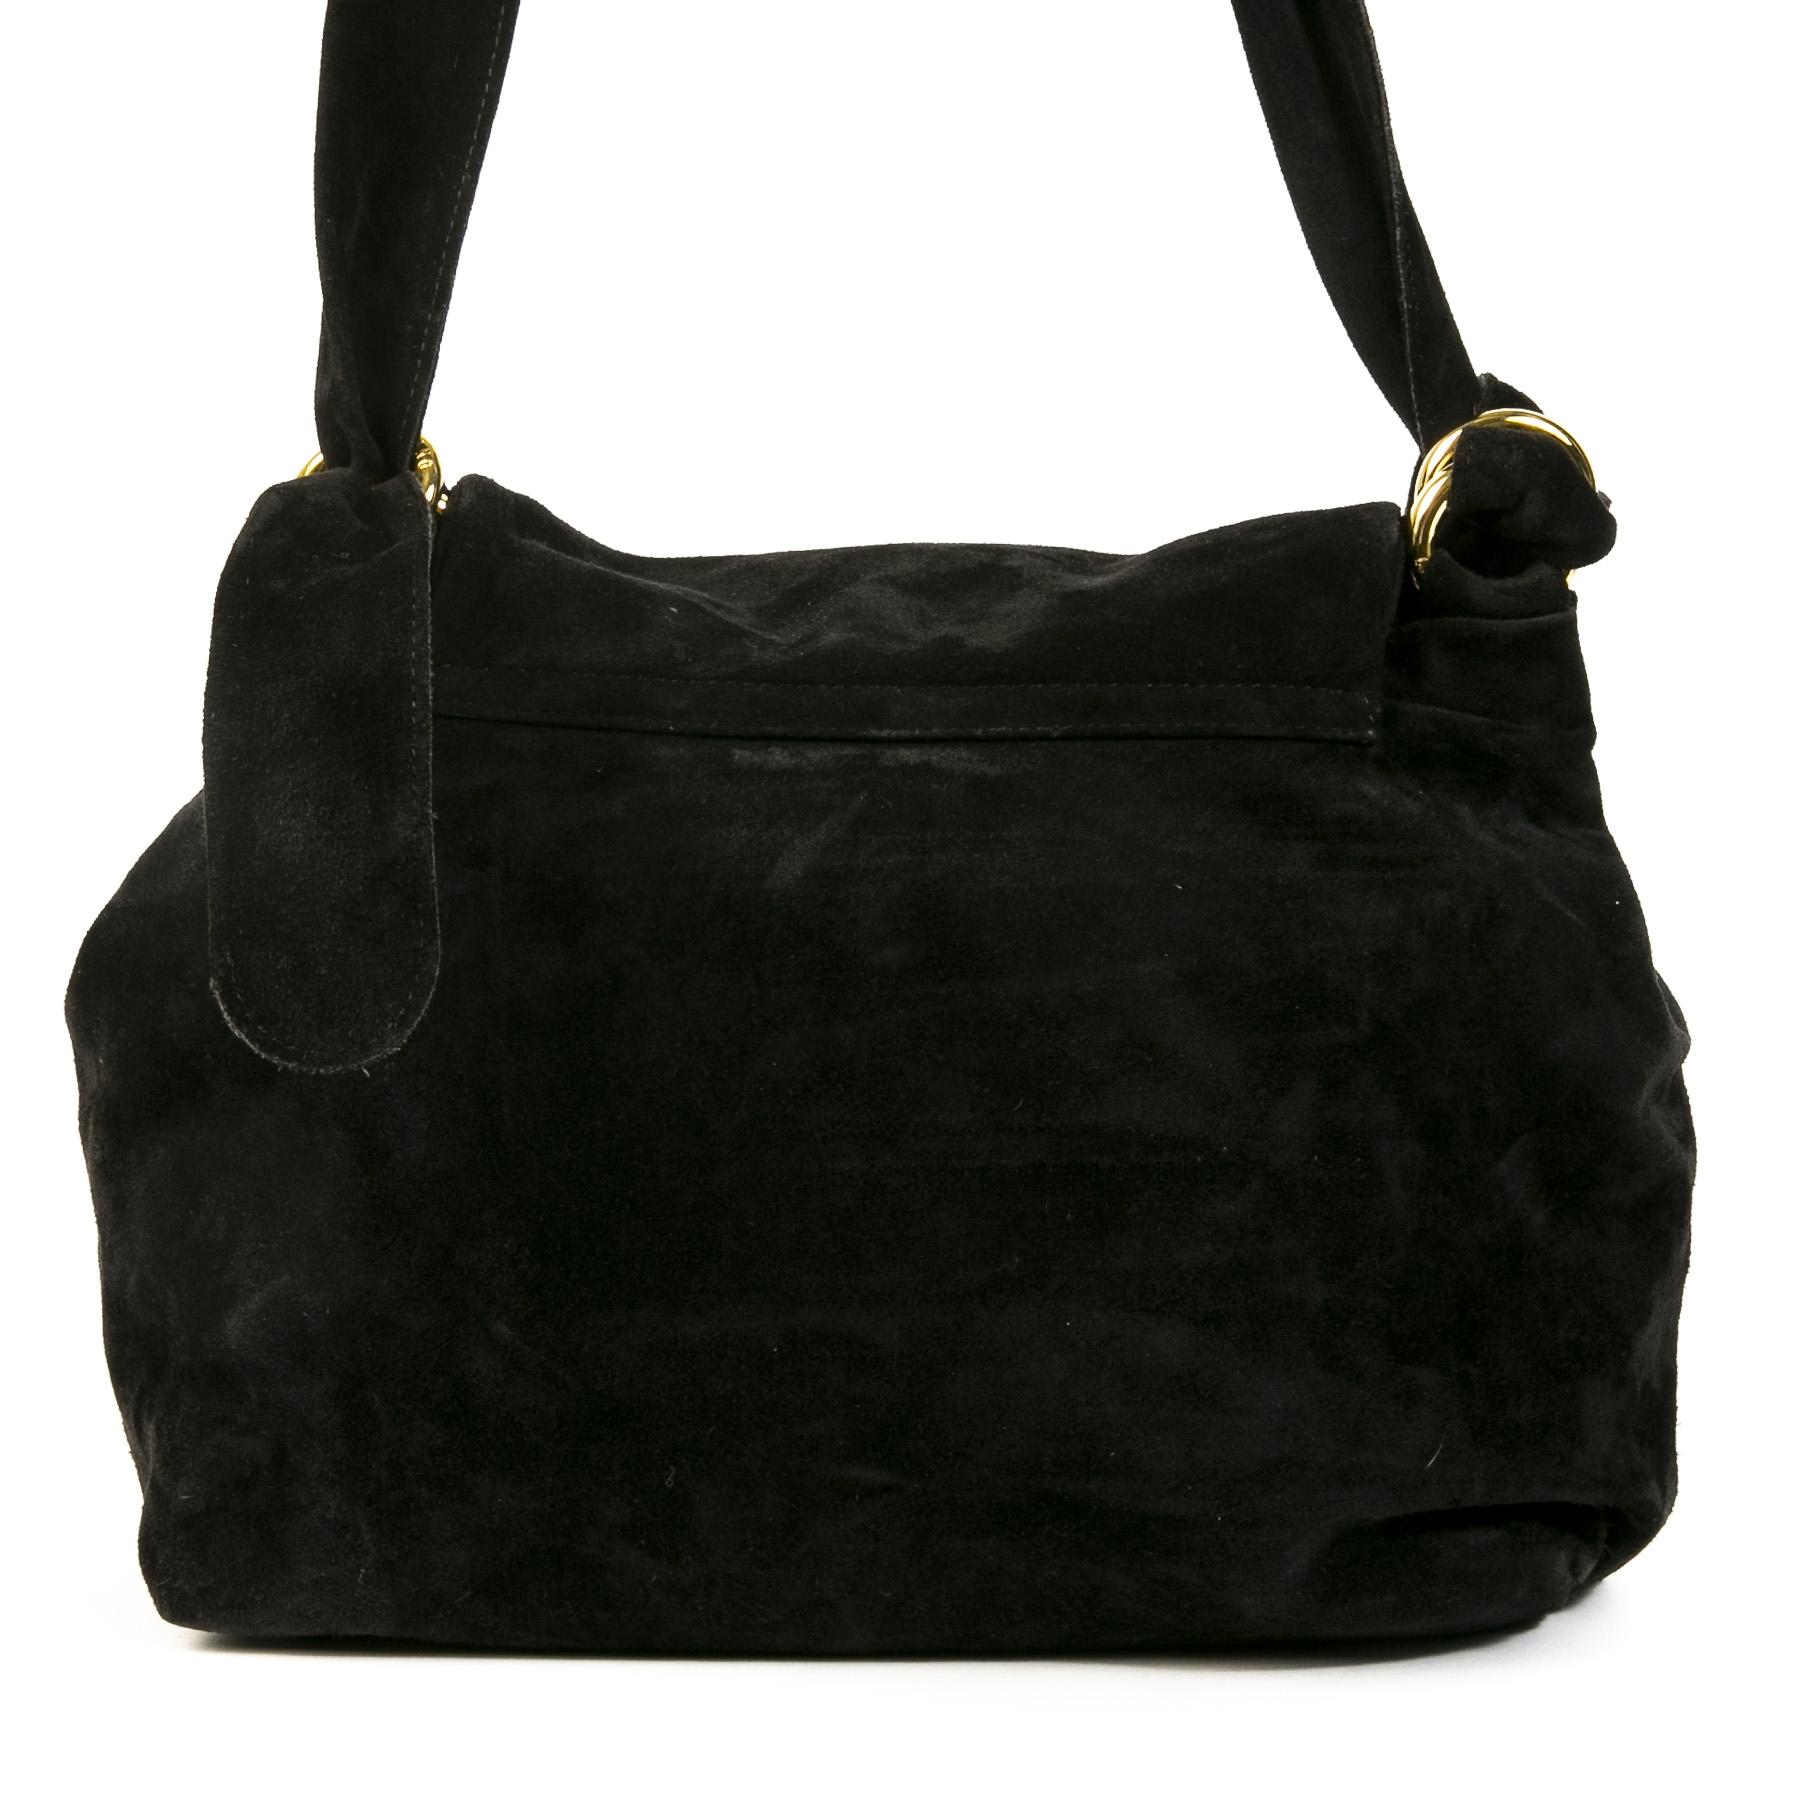 Authentieke Tweedehands Moschino Black Suede Studded Shoulder Bag juiste prijs veilig online shoppen luxe merken webshop winkelen Antwerpen België mode fashion